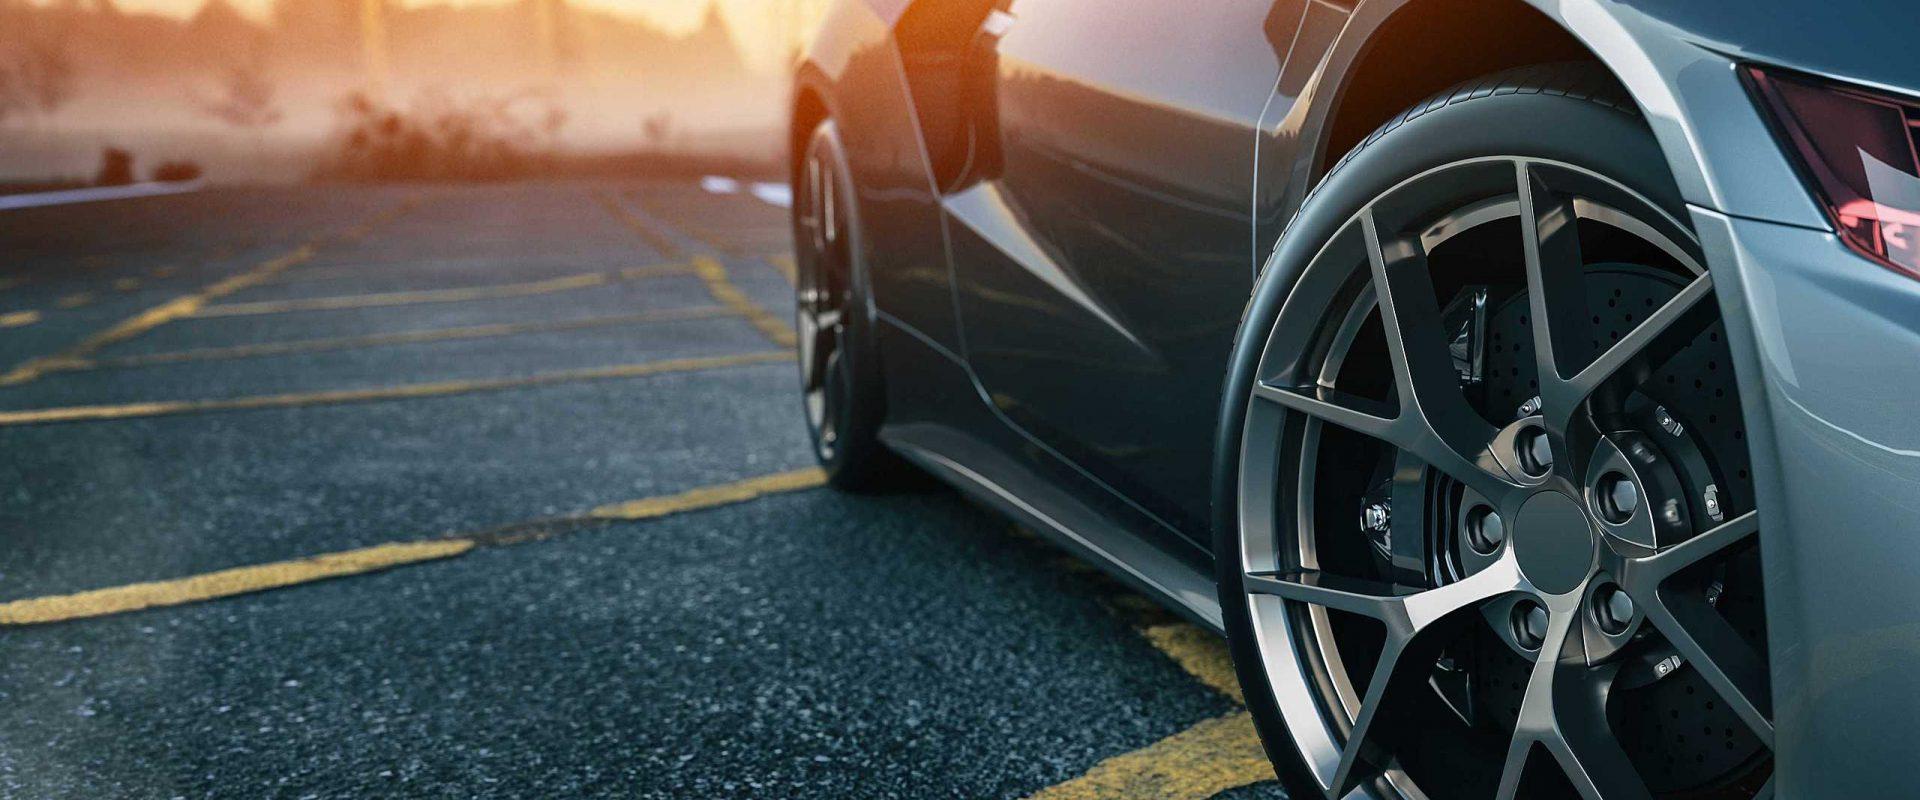 Quais são os 3 carros luxuosos mais amados pelas celebridades? Saiba aqui.